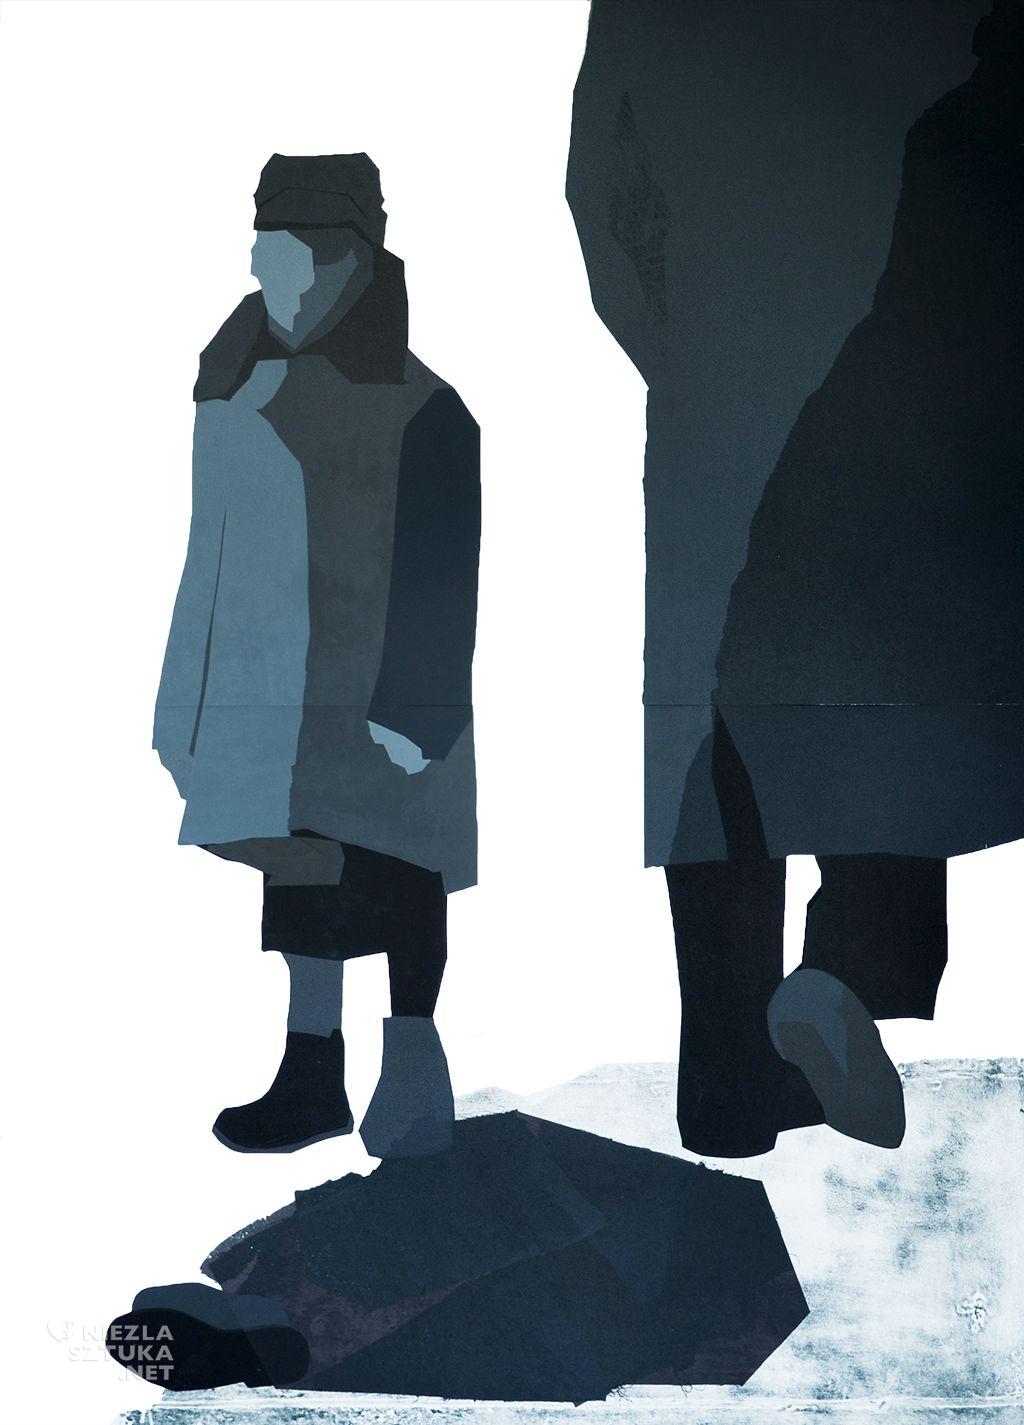 Damian Idzikowski grafika